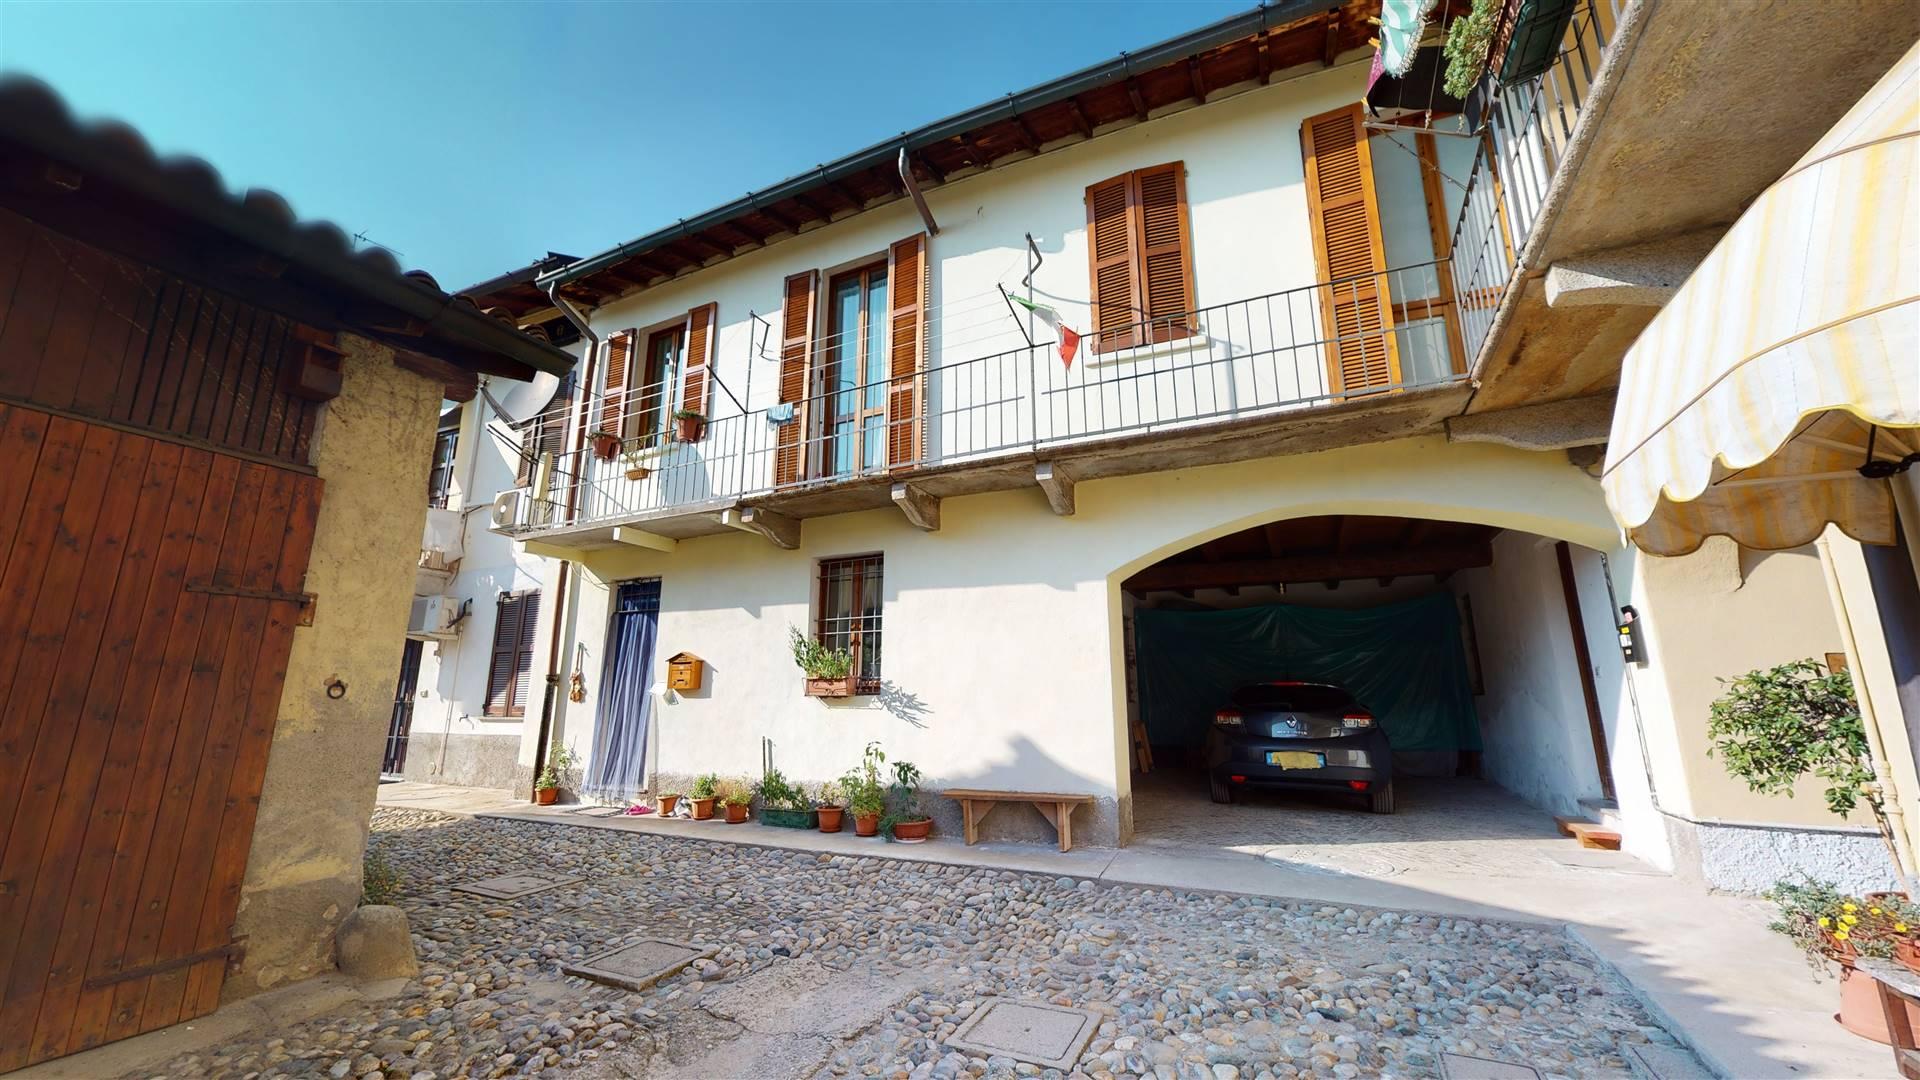 Appartamento in vendita a Bellinzago Lombardo, 3 locali, zona Zona: Villa Fornaci, prezzo € 154.000 | CambioCasa.it